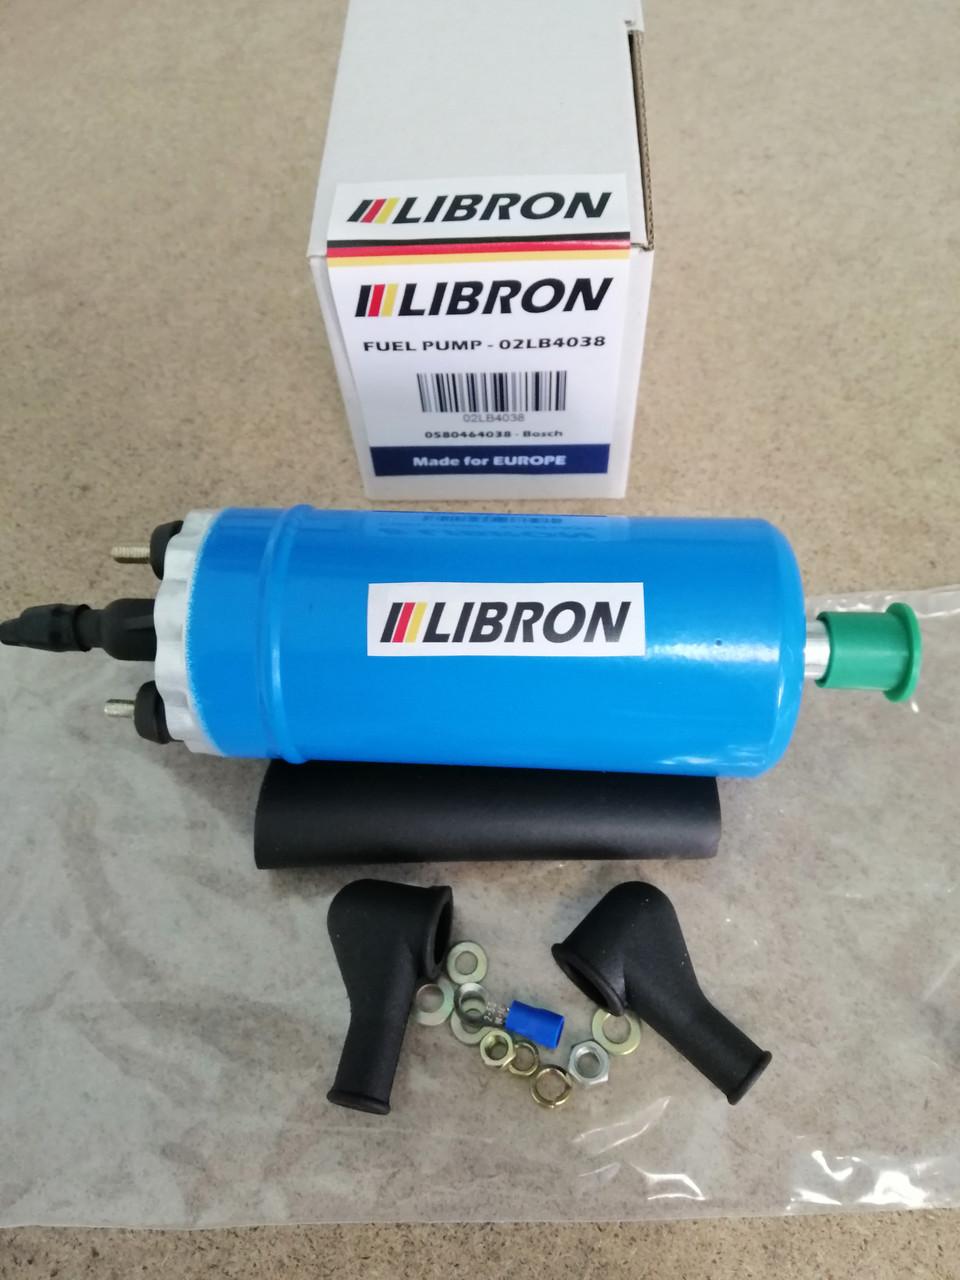 Топливный насос LIBRON 02LB4038 - JAGUAR XJ 6 4.2 (1979-1987)